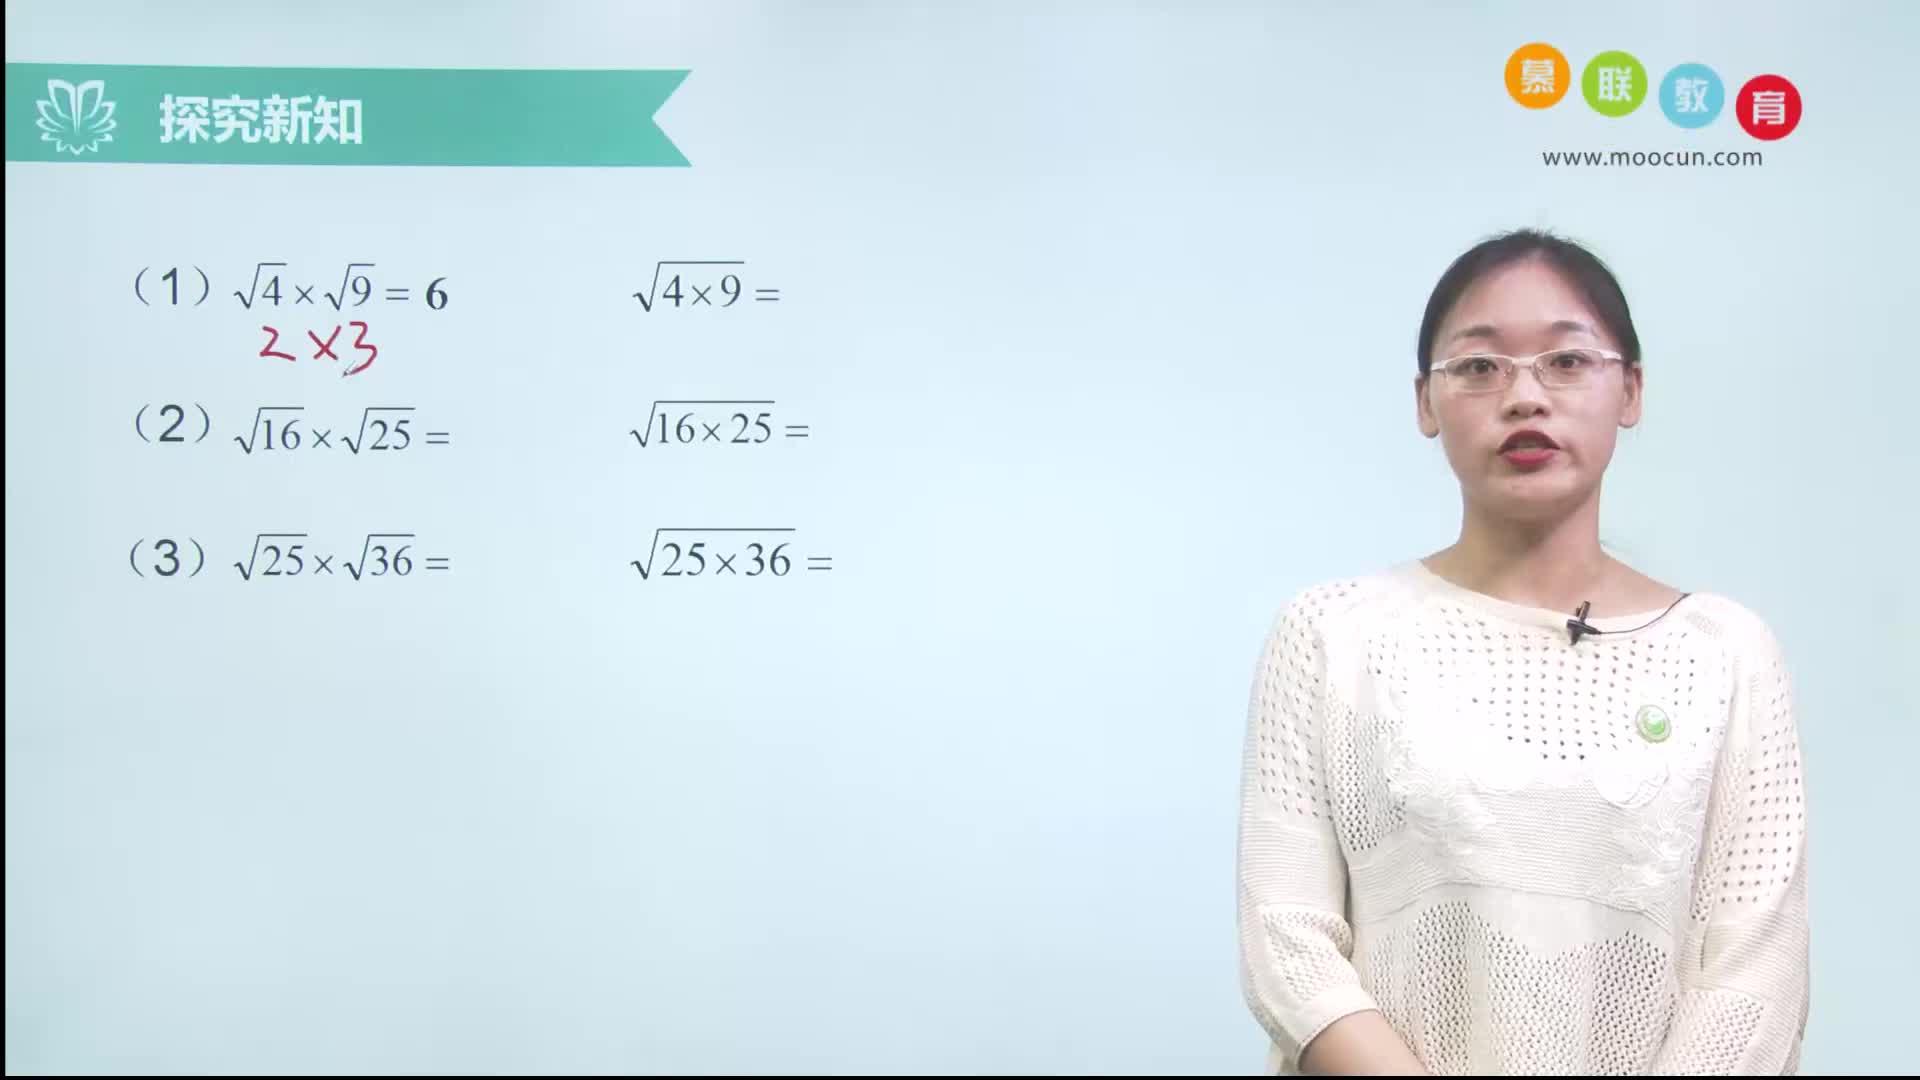 视频16.2二次根式的乘除(1)二次根式的乘法-【慕联】初中完全同步系列人教版数学八年级下册视频16.2二次根式的乘除(1)二次根式的乘法-【慕联】初中完全同步系列人教版数学八年级下册 [来自e网通客户端]